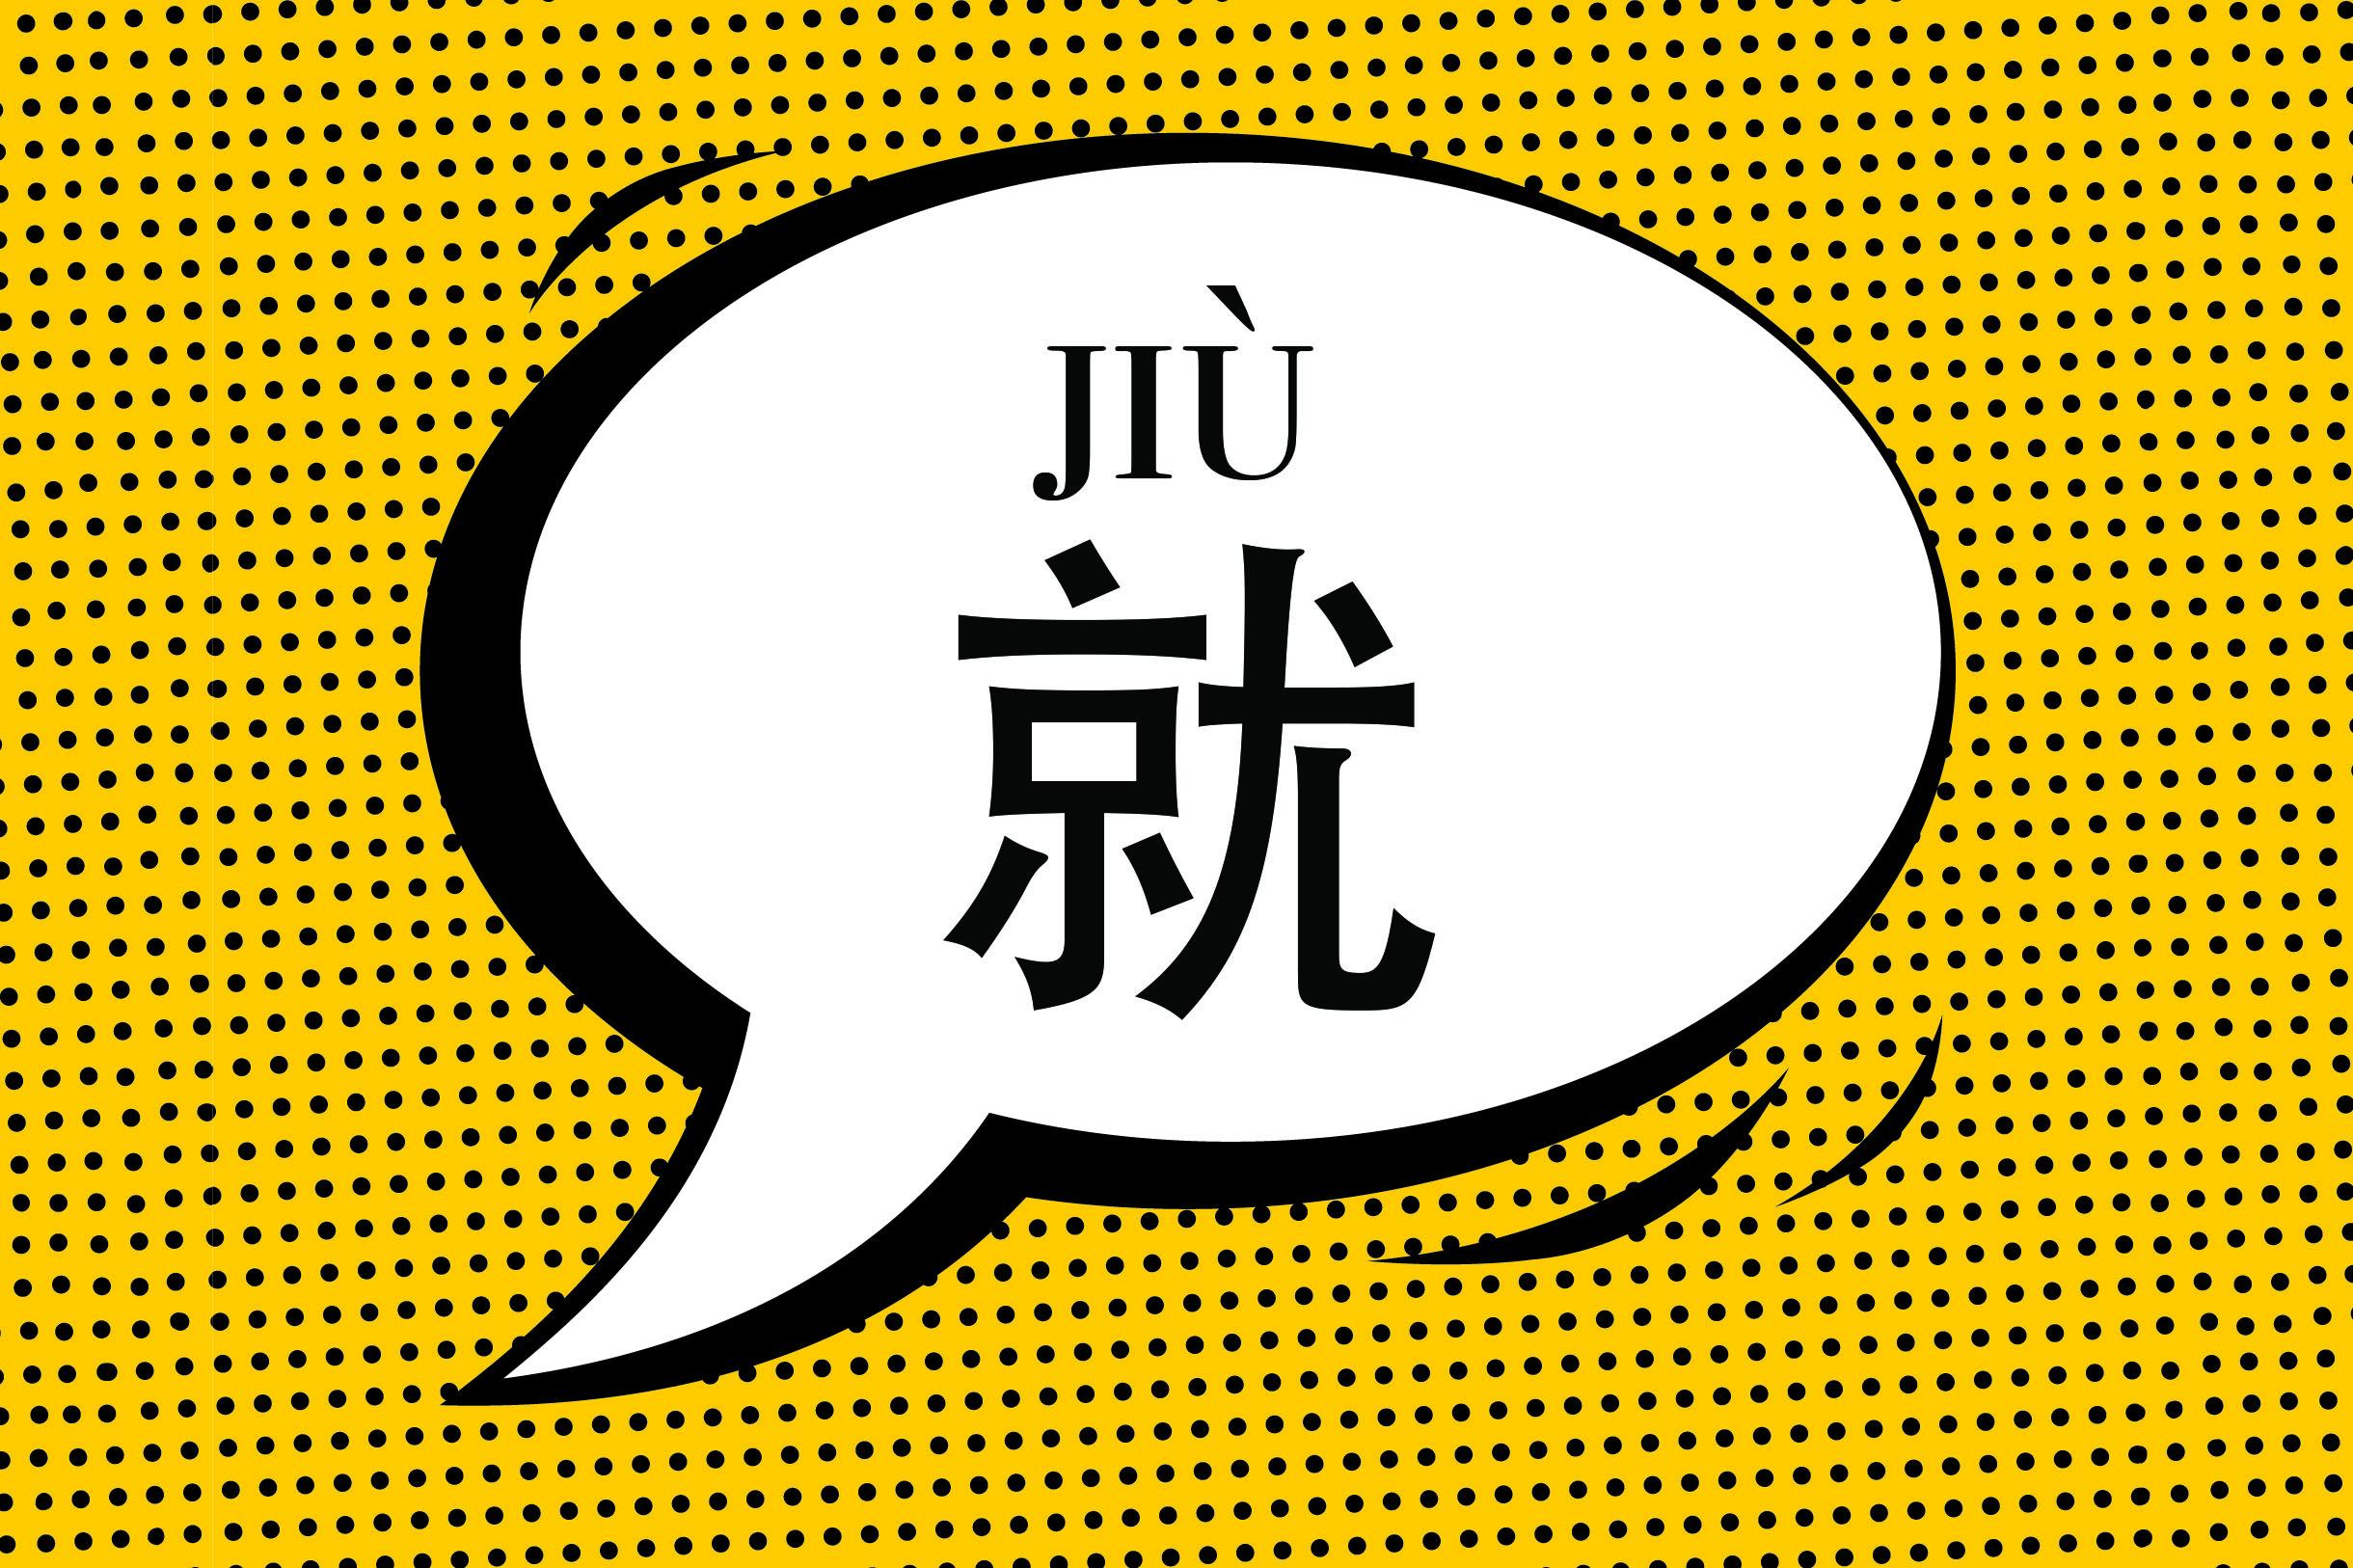 Jiu A Misunderstood Chinese Character